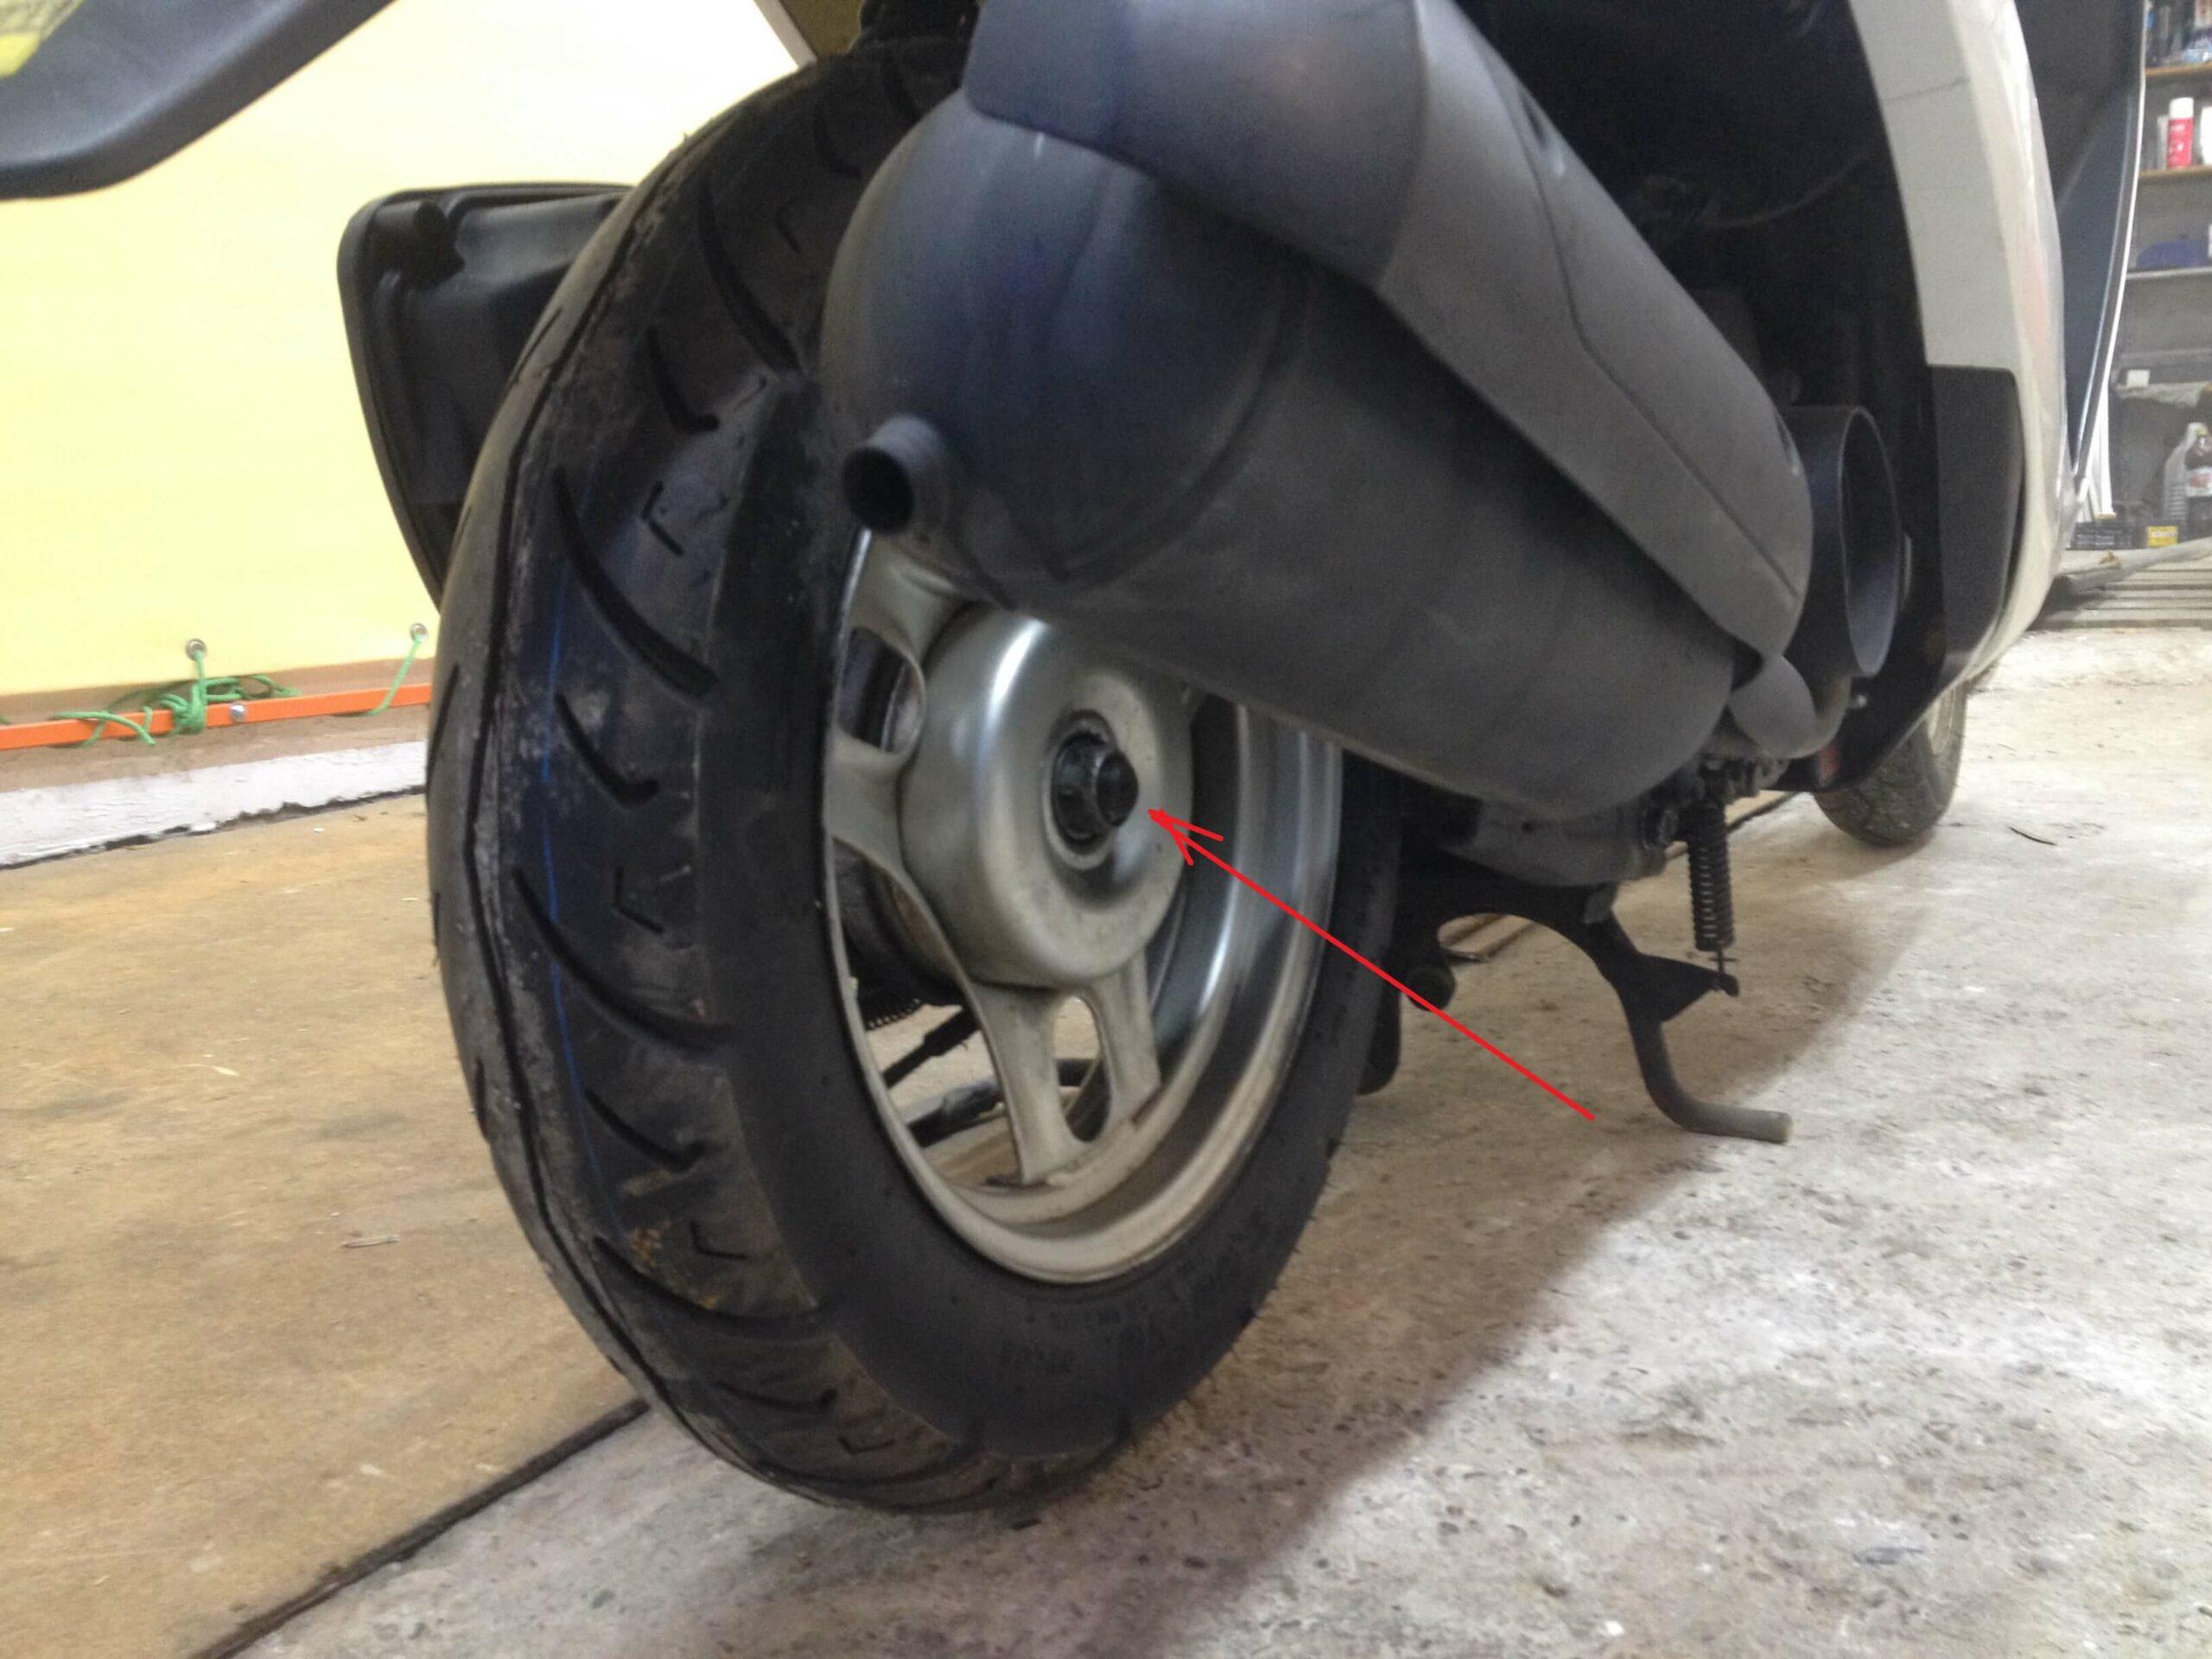 Как снять и поставить заднее колесо на скутере: делюсь своим опытом